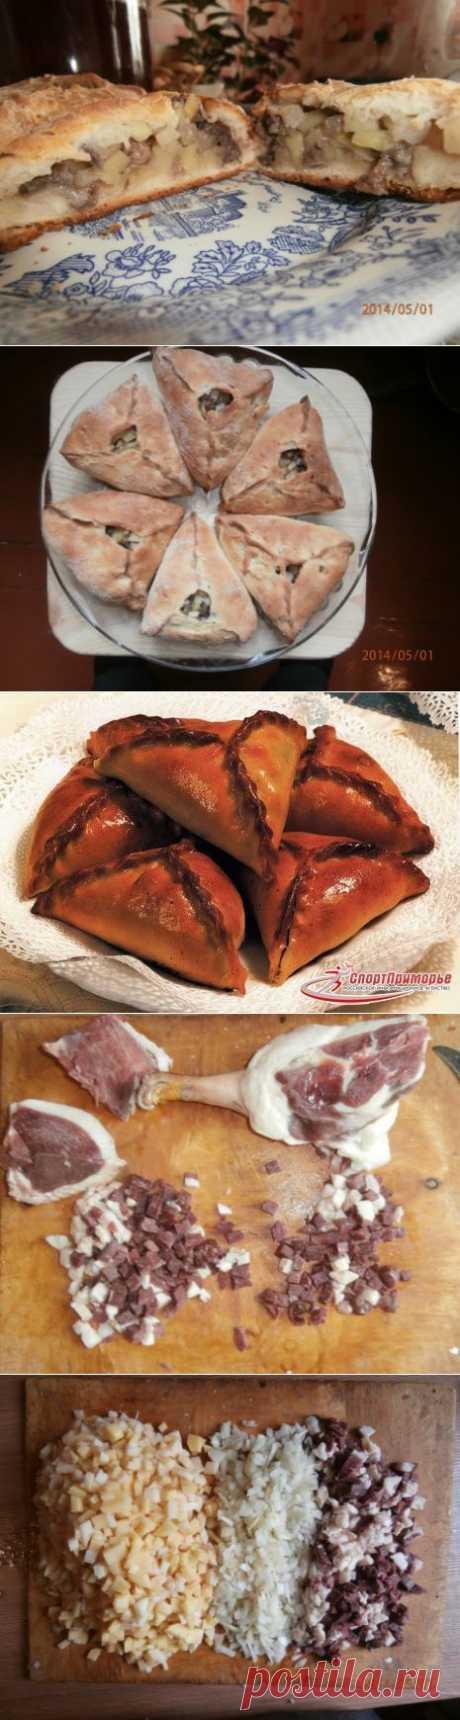 (+1) тема - Татарская кухня: ӨЧПОЧМАК | Любимые рецепты